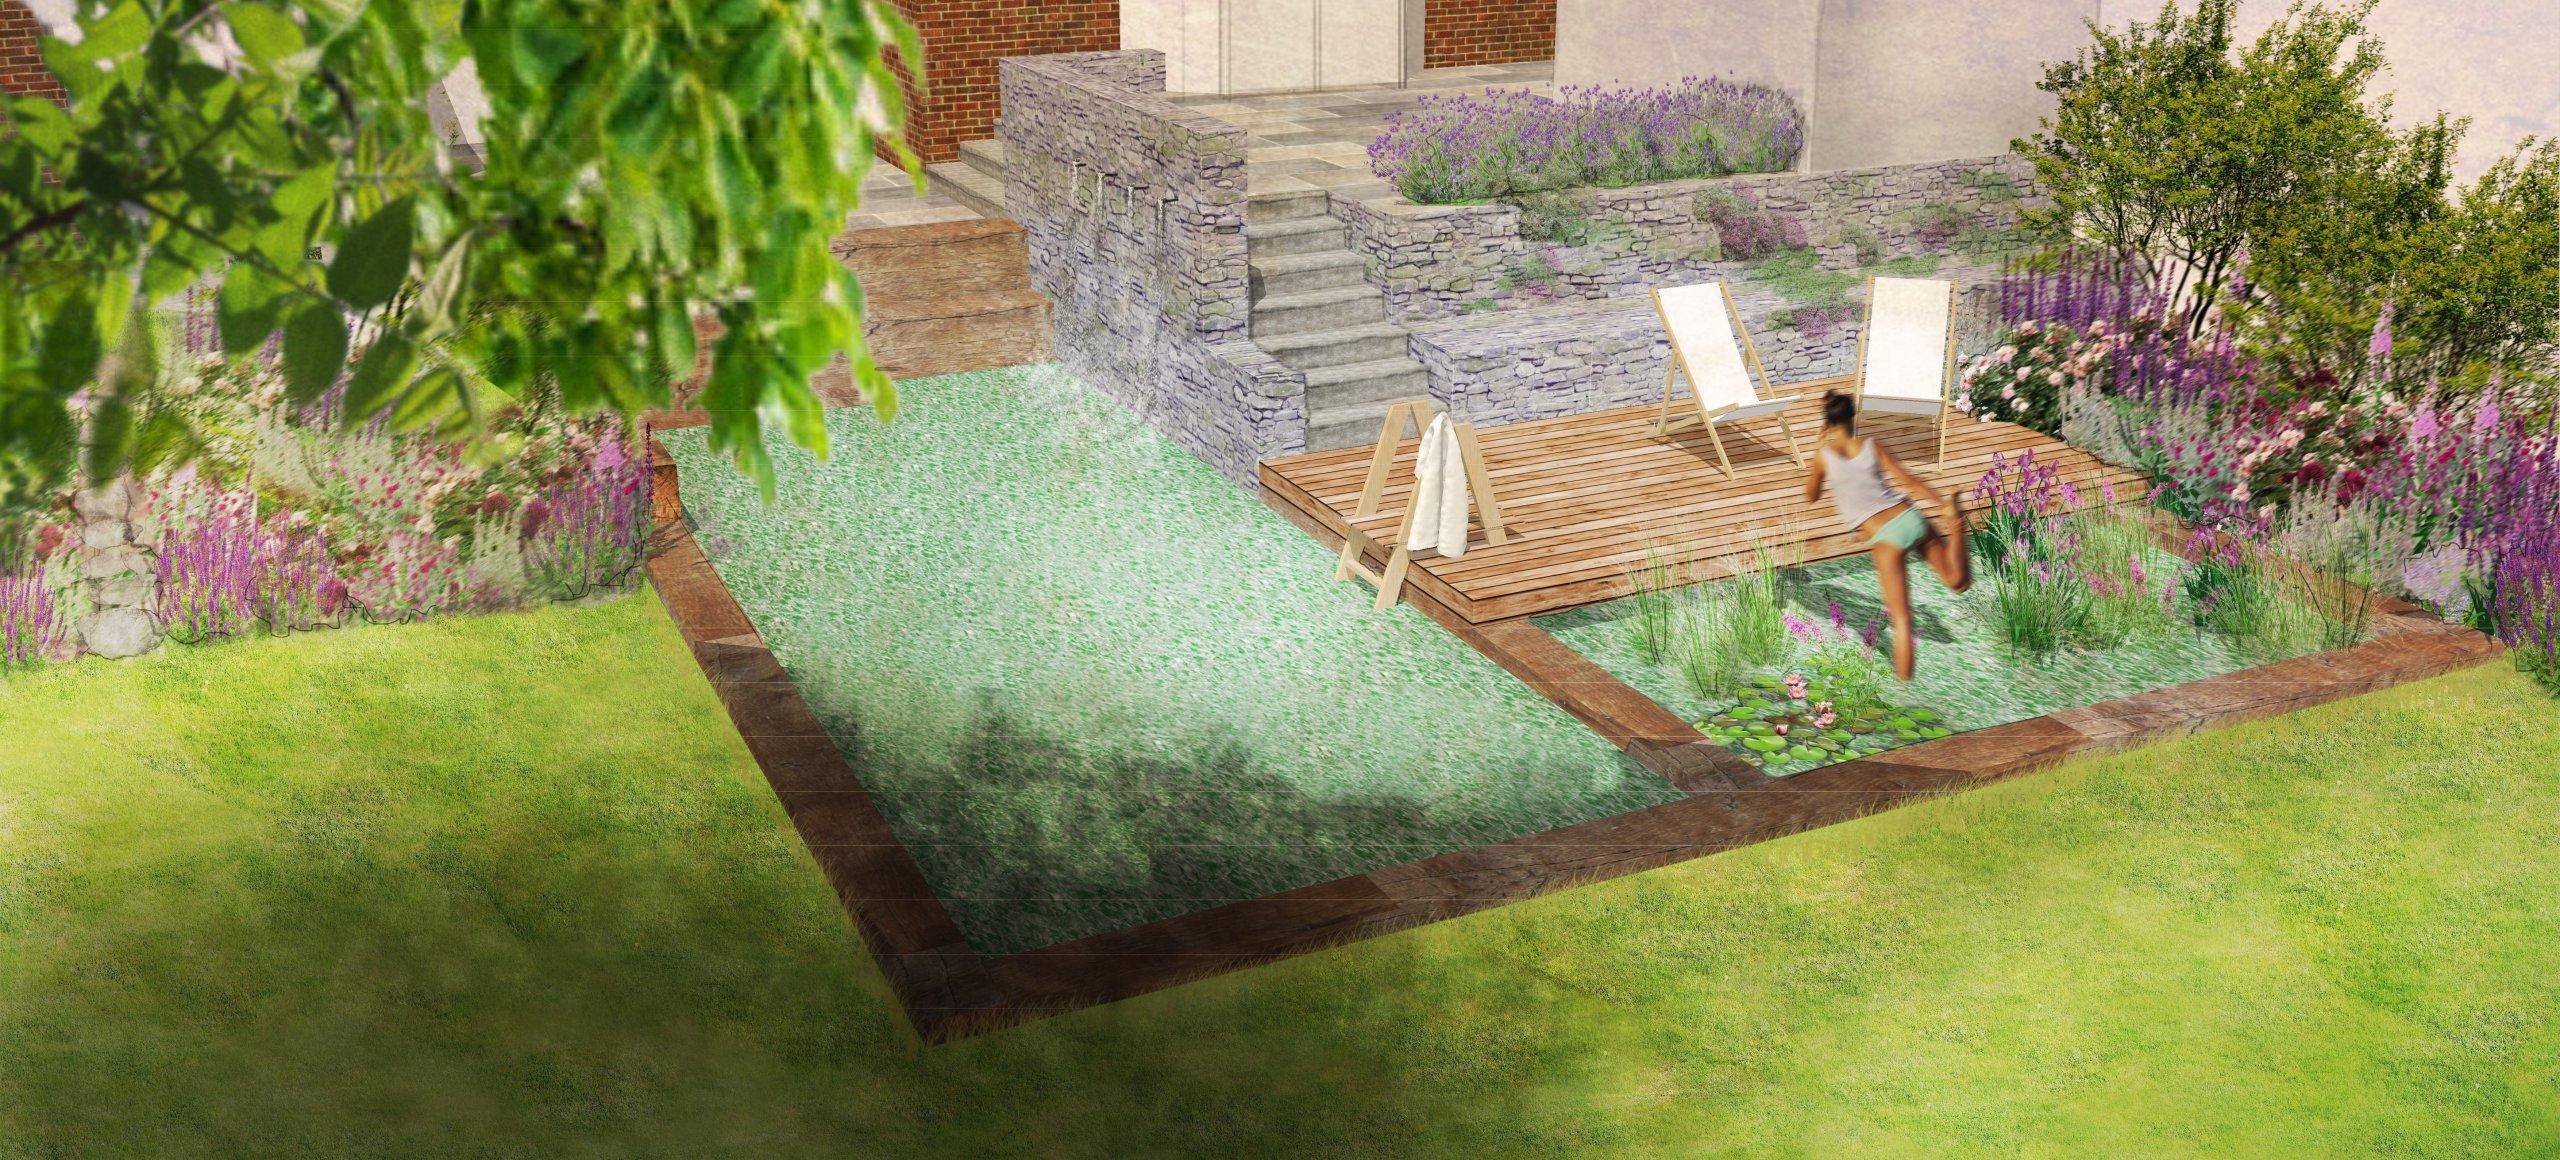 Vizualizace varianty 1 bio bazénu s koupací a regenerační zónou.